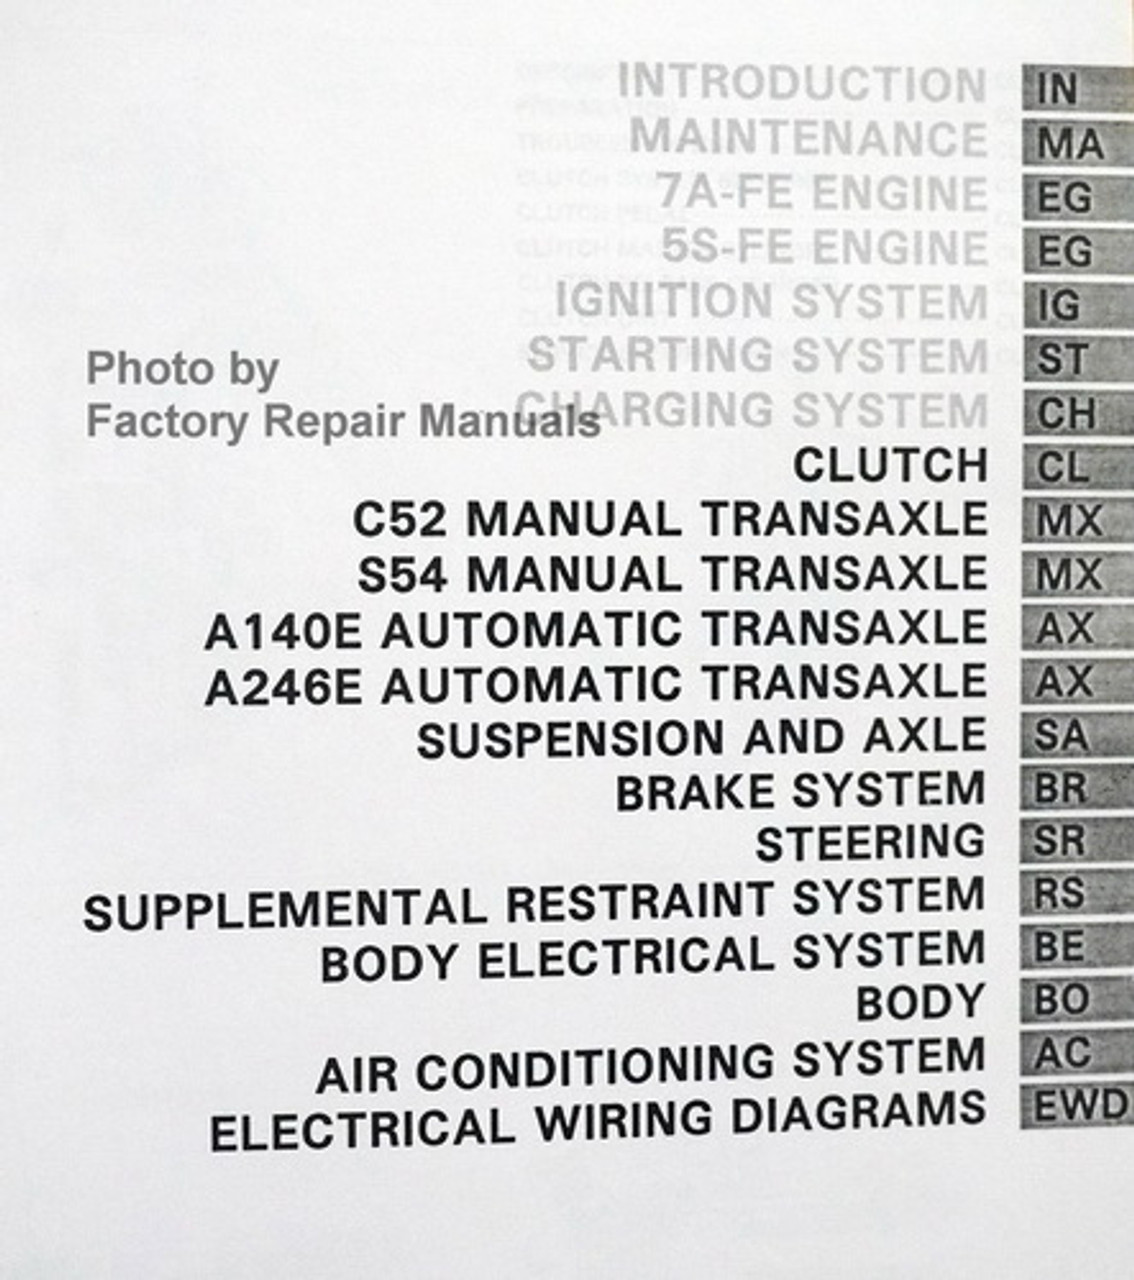 Repairmanuals Toyota Camry 1994 Wiring Diagrams